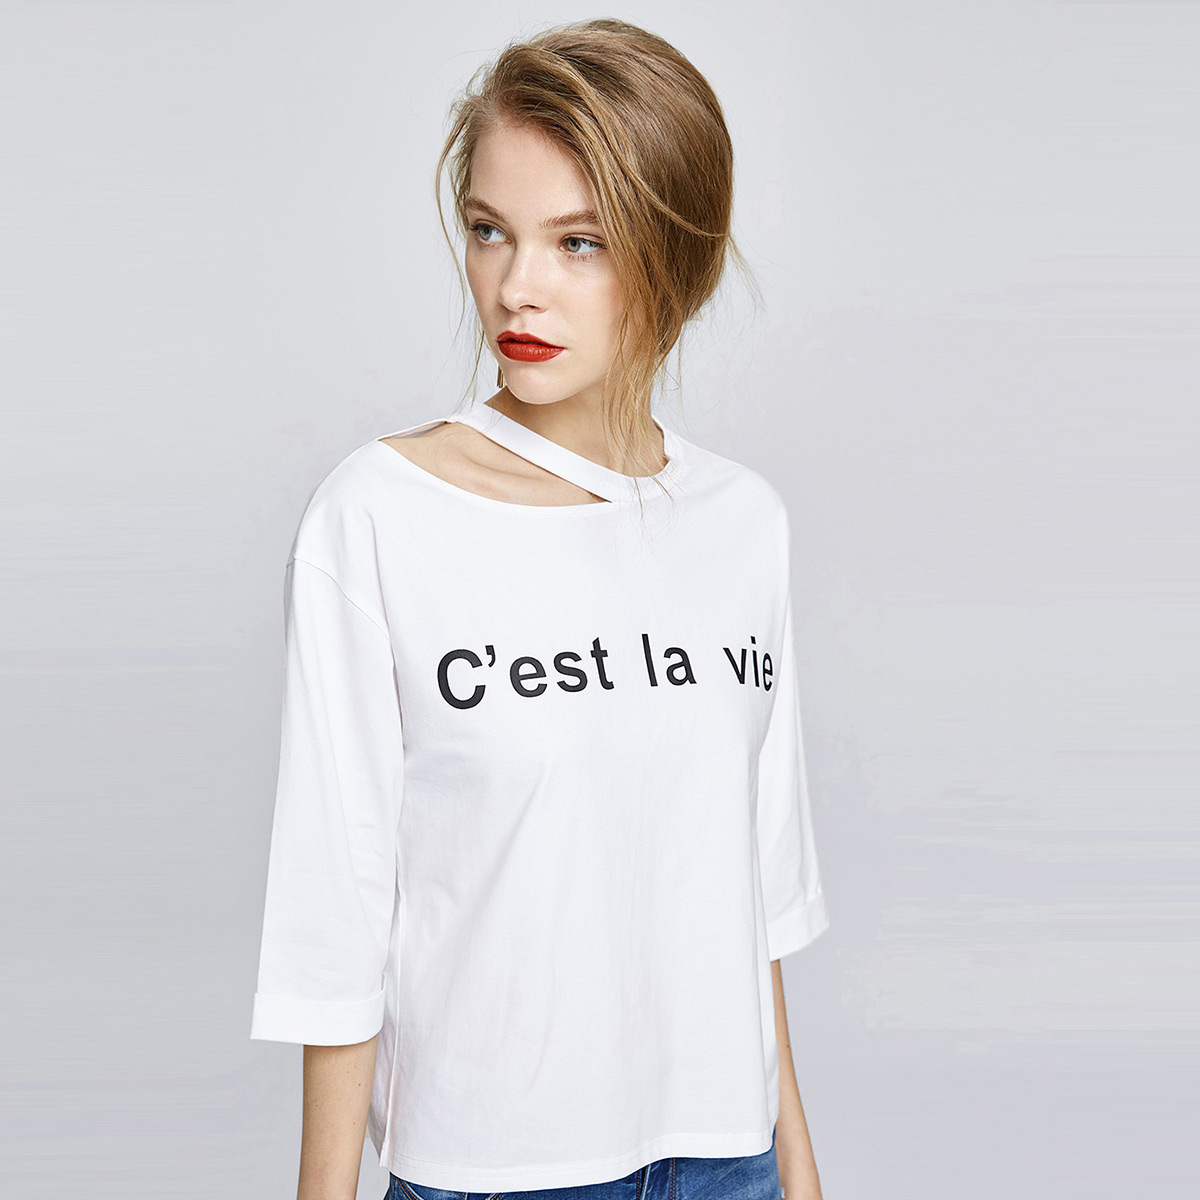 乐刻2020女式新款纯色t恤字母印花短袖t恤女夏装镂空领口t恤